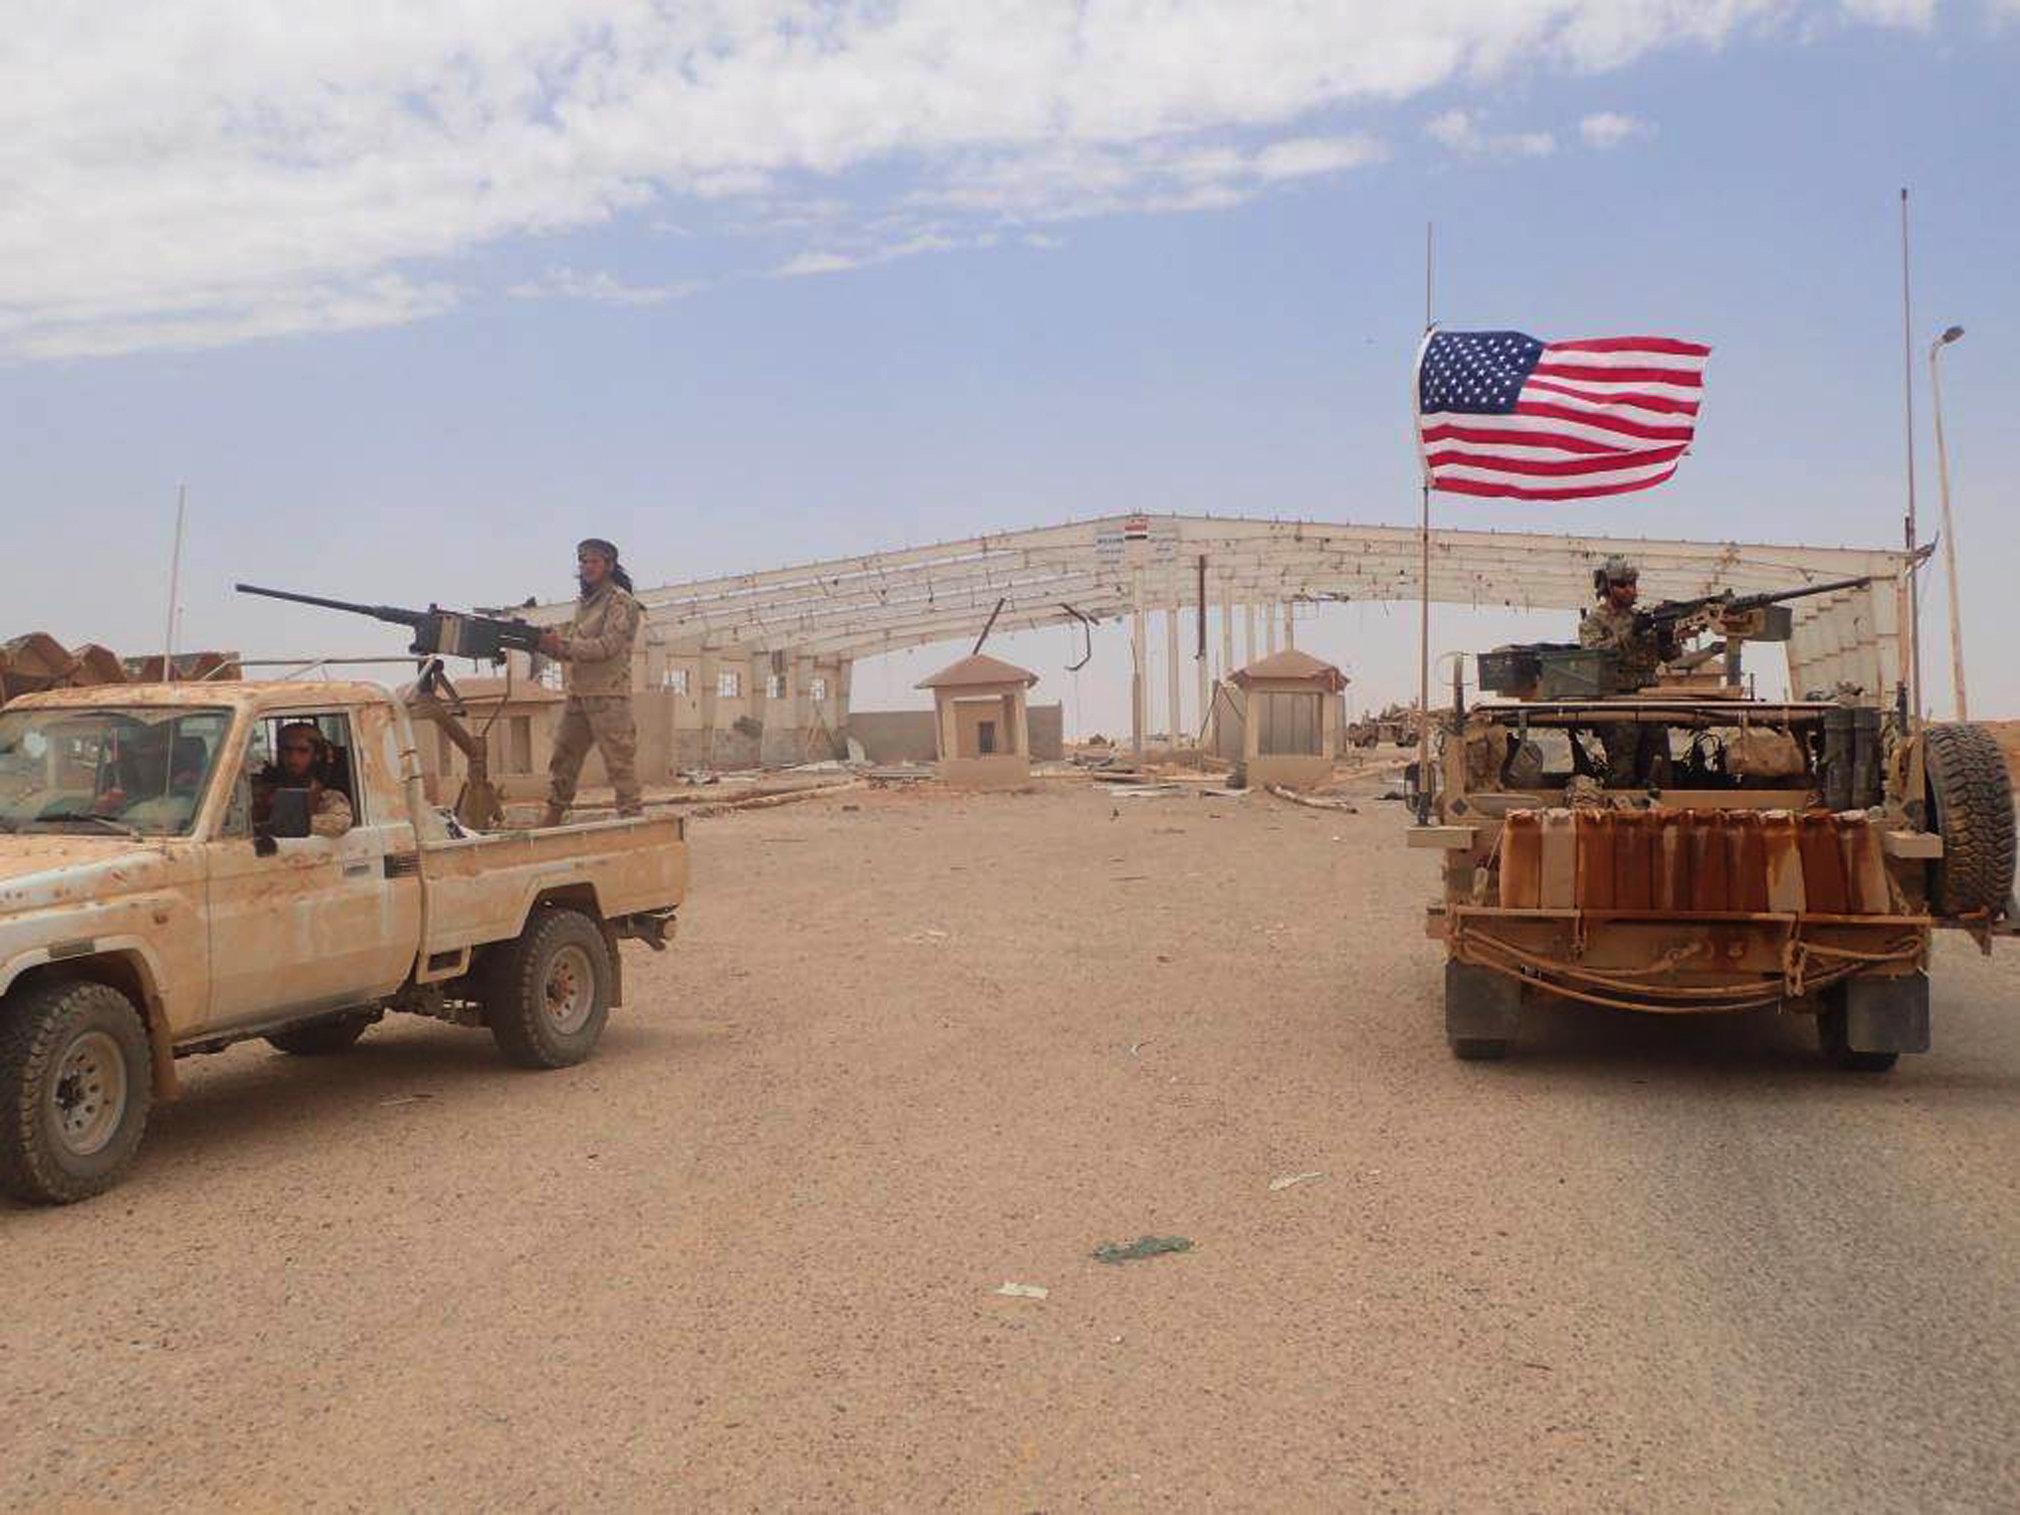 Sur cette photo prise le mardi 23 mai 2017, fournie par le groupe activiste anti-gouvernement syrien, la Justice News de Hammourabi, qui a été authentifiée sur la base de son contenu et d'autres reportages de l'AP, montre une forme de combattant syrien anti-gouvernement Maghaweer al-Thawra se tient sur un véhicule avec une lourde mitraillette automatique, à gauche, à côté d'un soldat américain qui se tient également sur son véhicule blindé, à droite, alors qu'ils prennent position au point de passage syrien-irakien de Tanf.